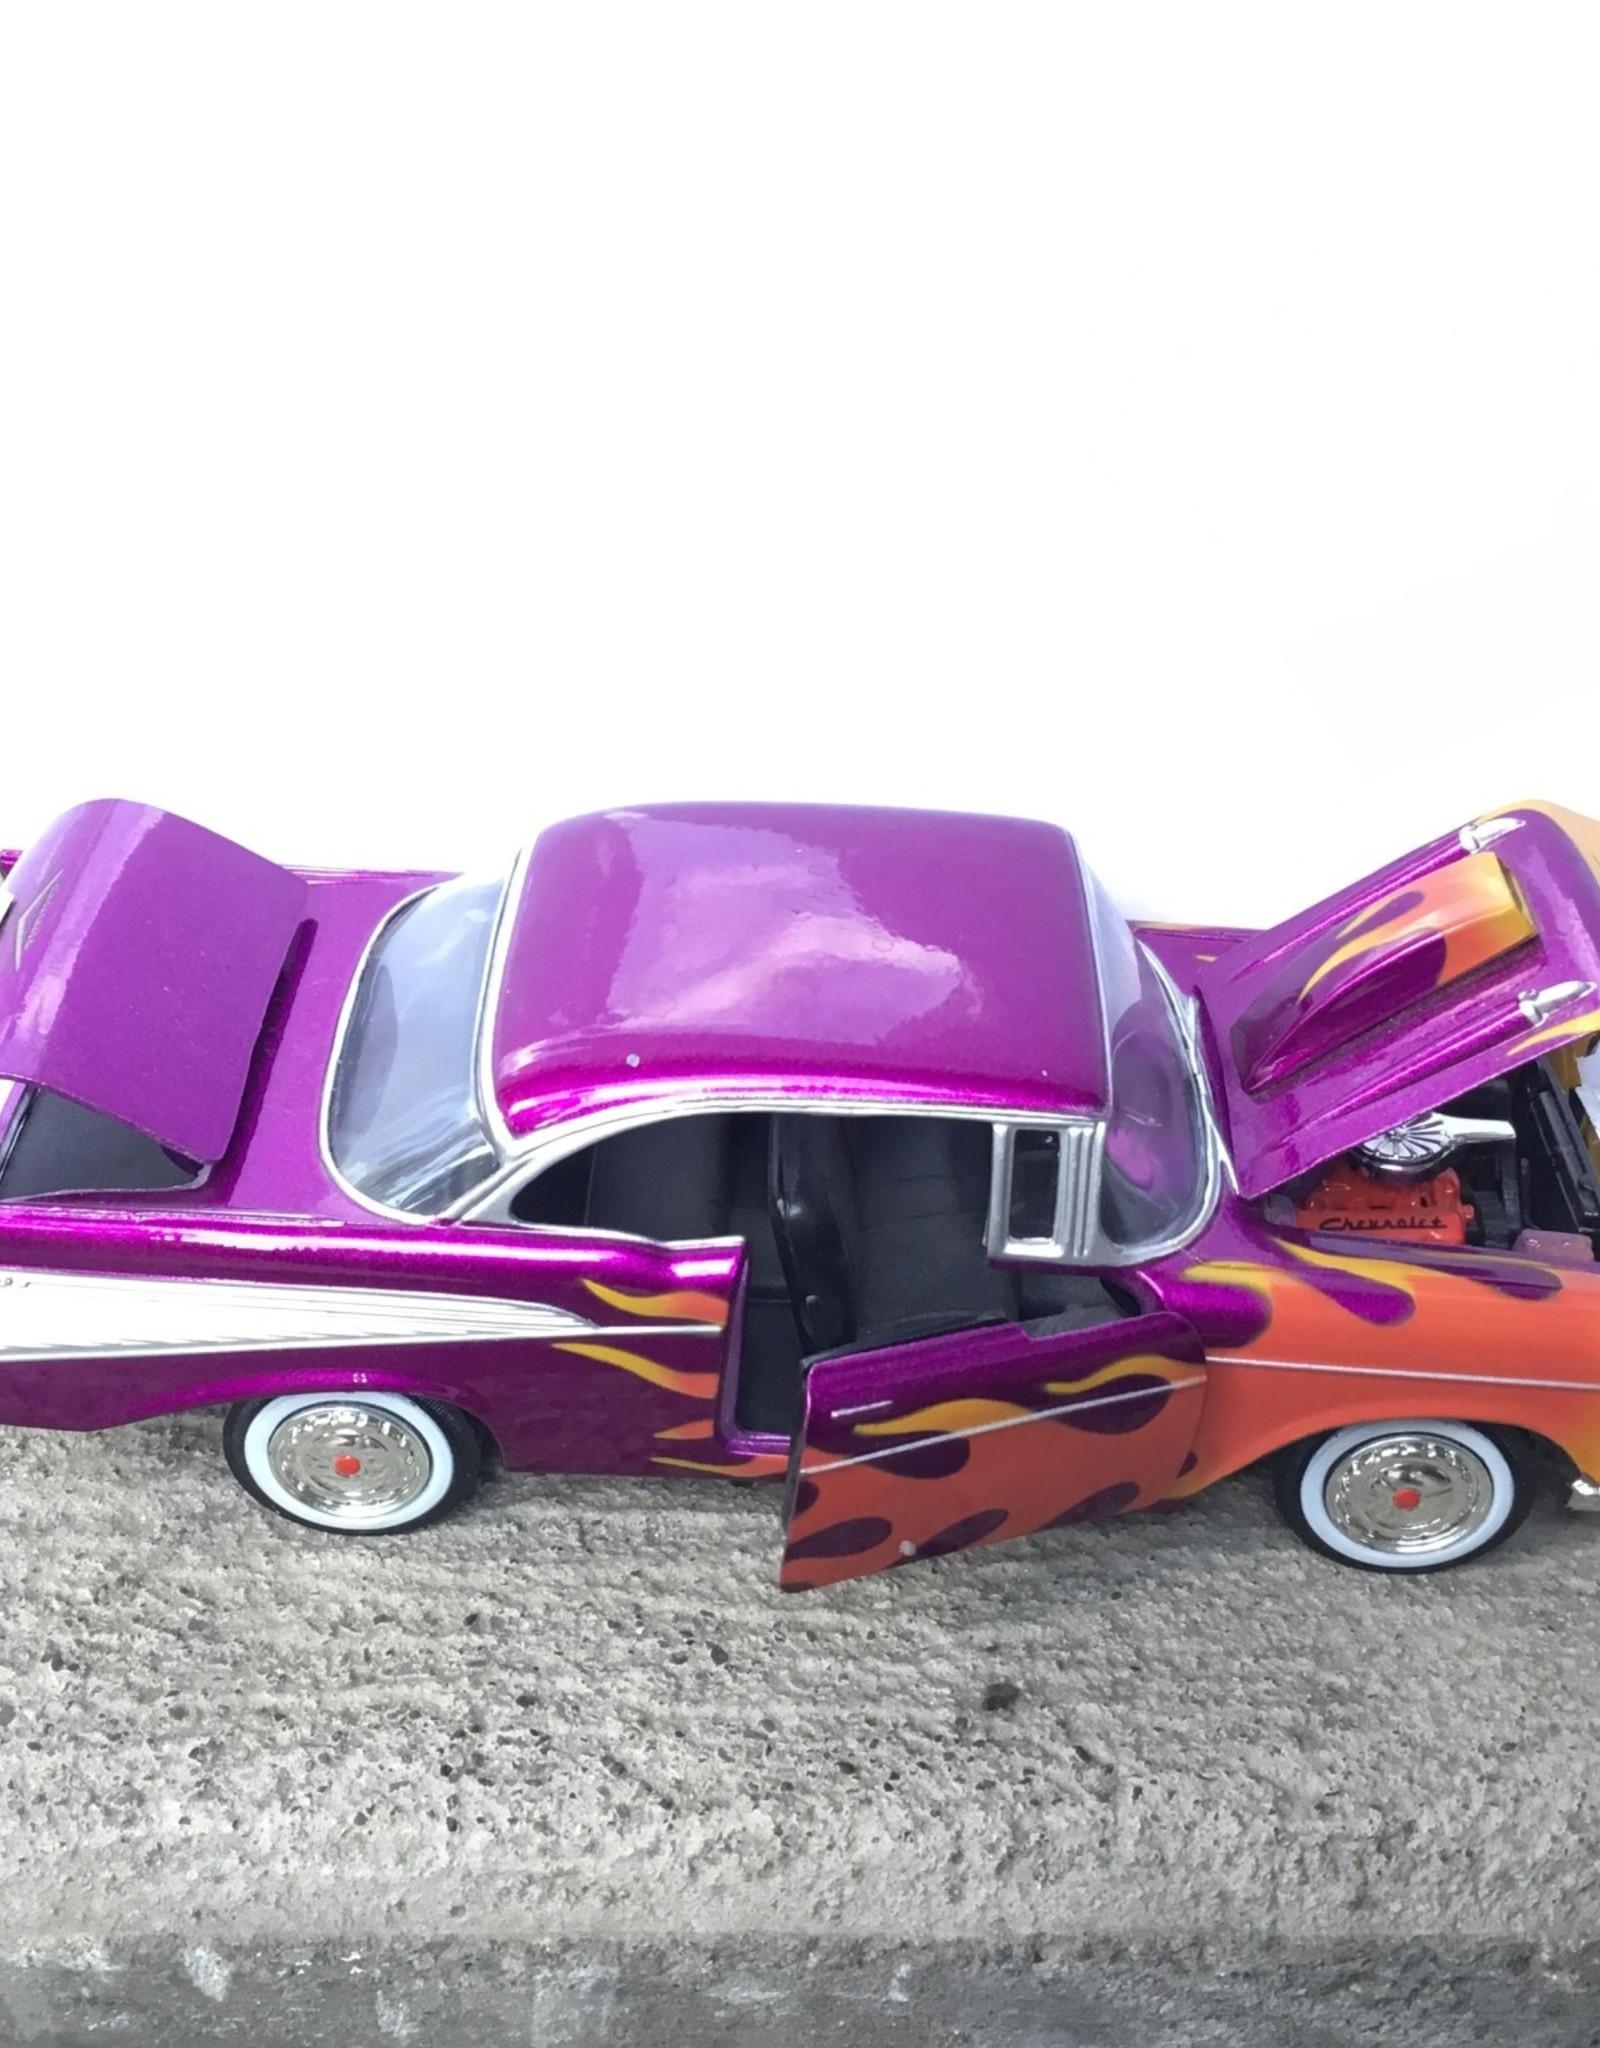 Purple Pigeon Treasures Purple 1957 Chevy Bel Air